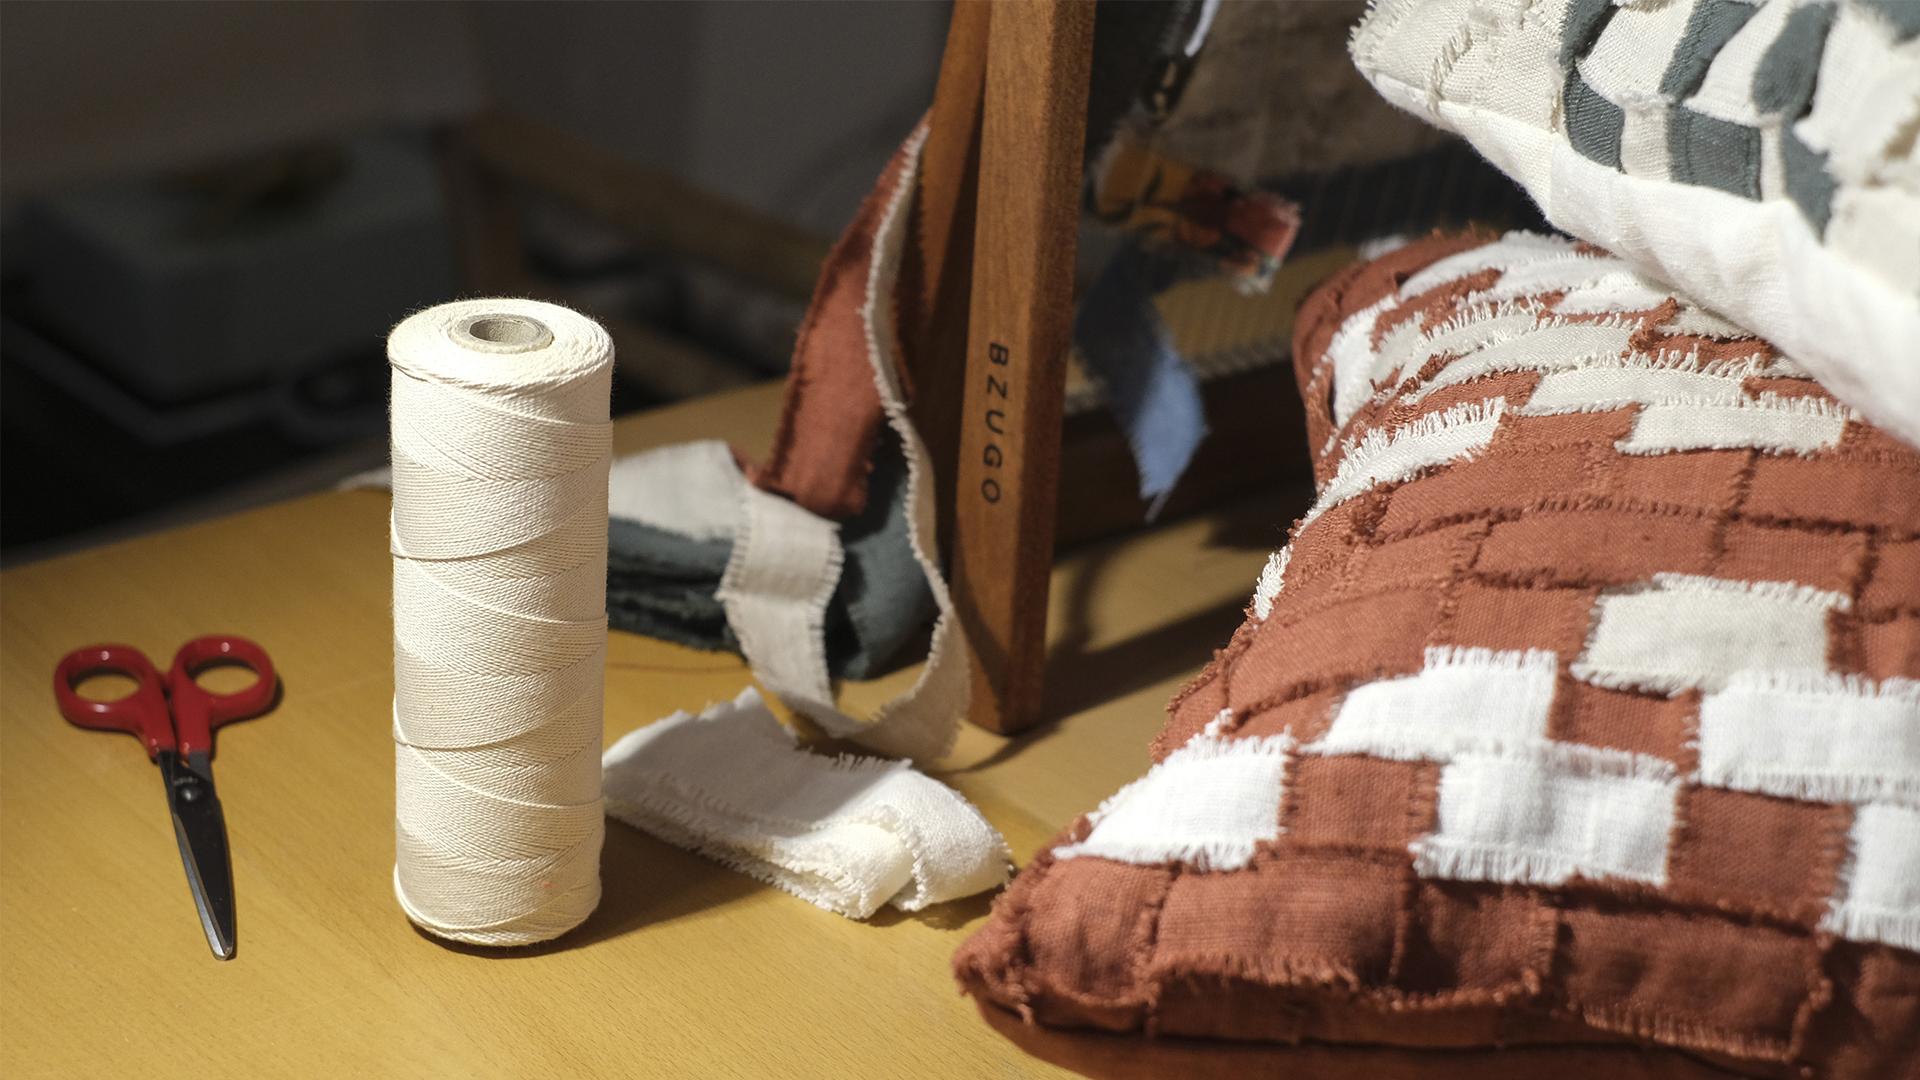 Mariana despediu-se durante a pandemia para criar uma marca de tapeçarias feitas à mão